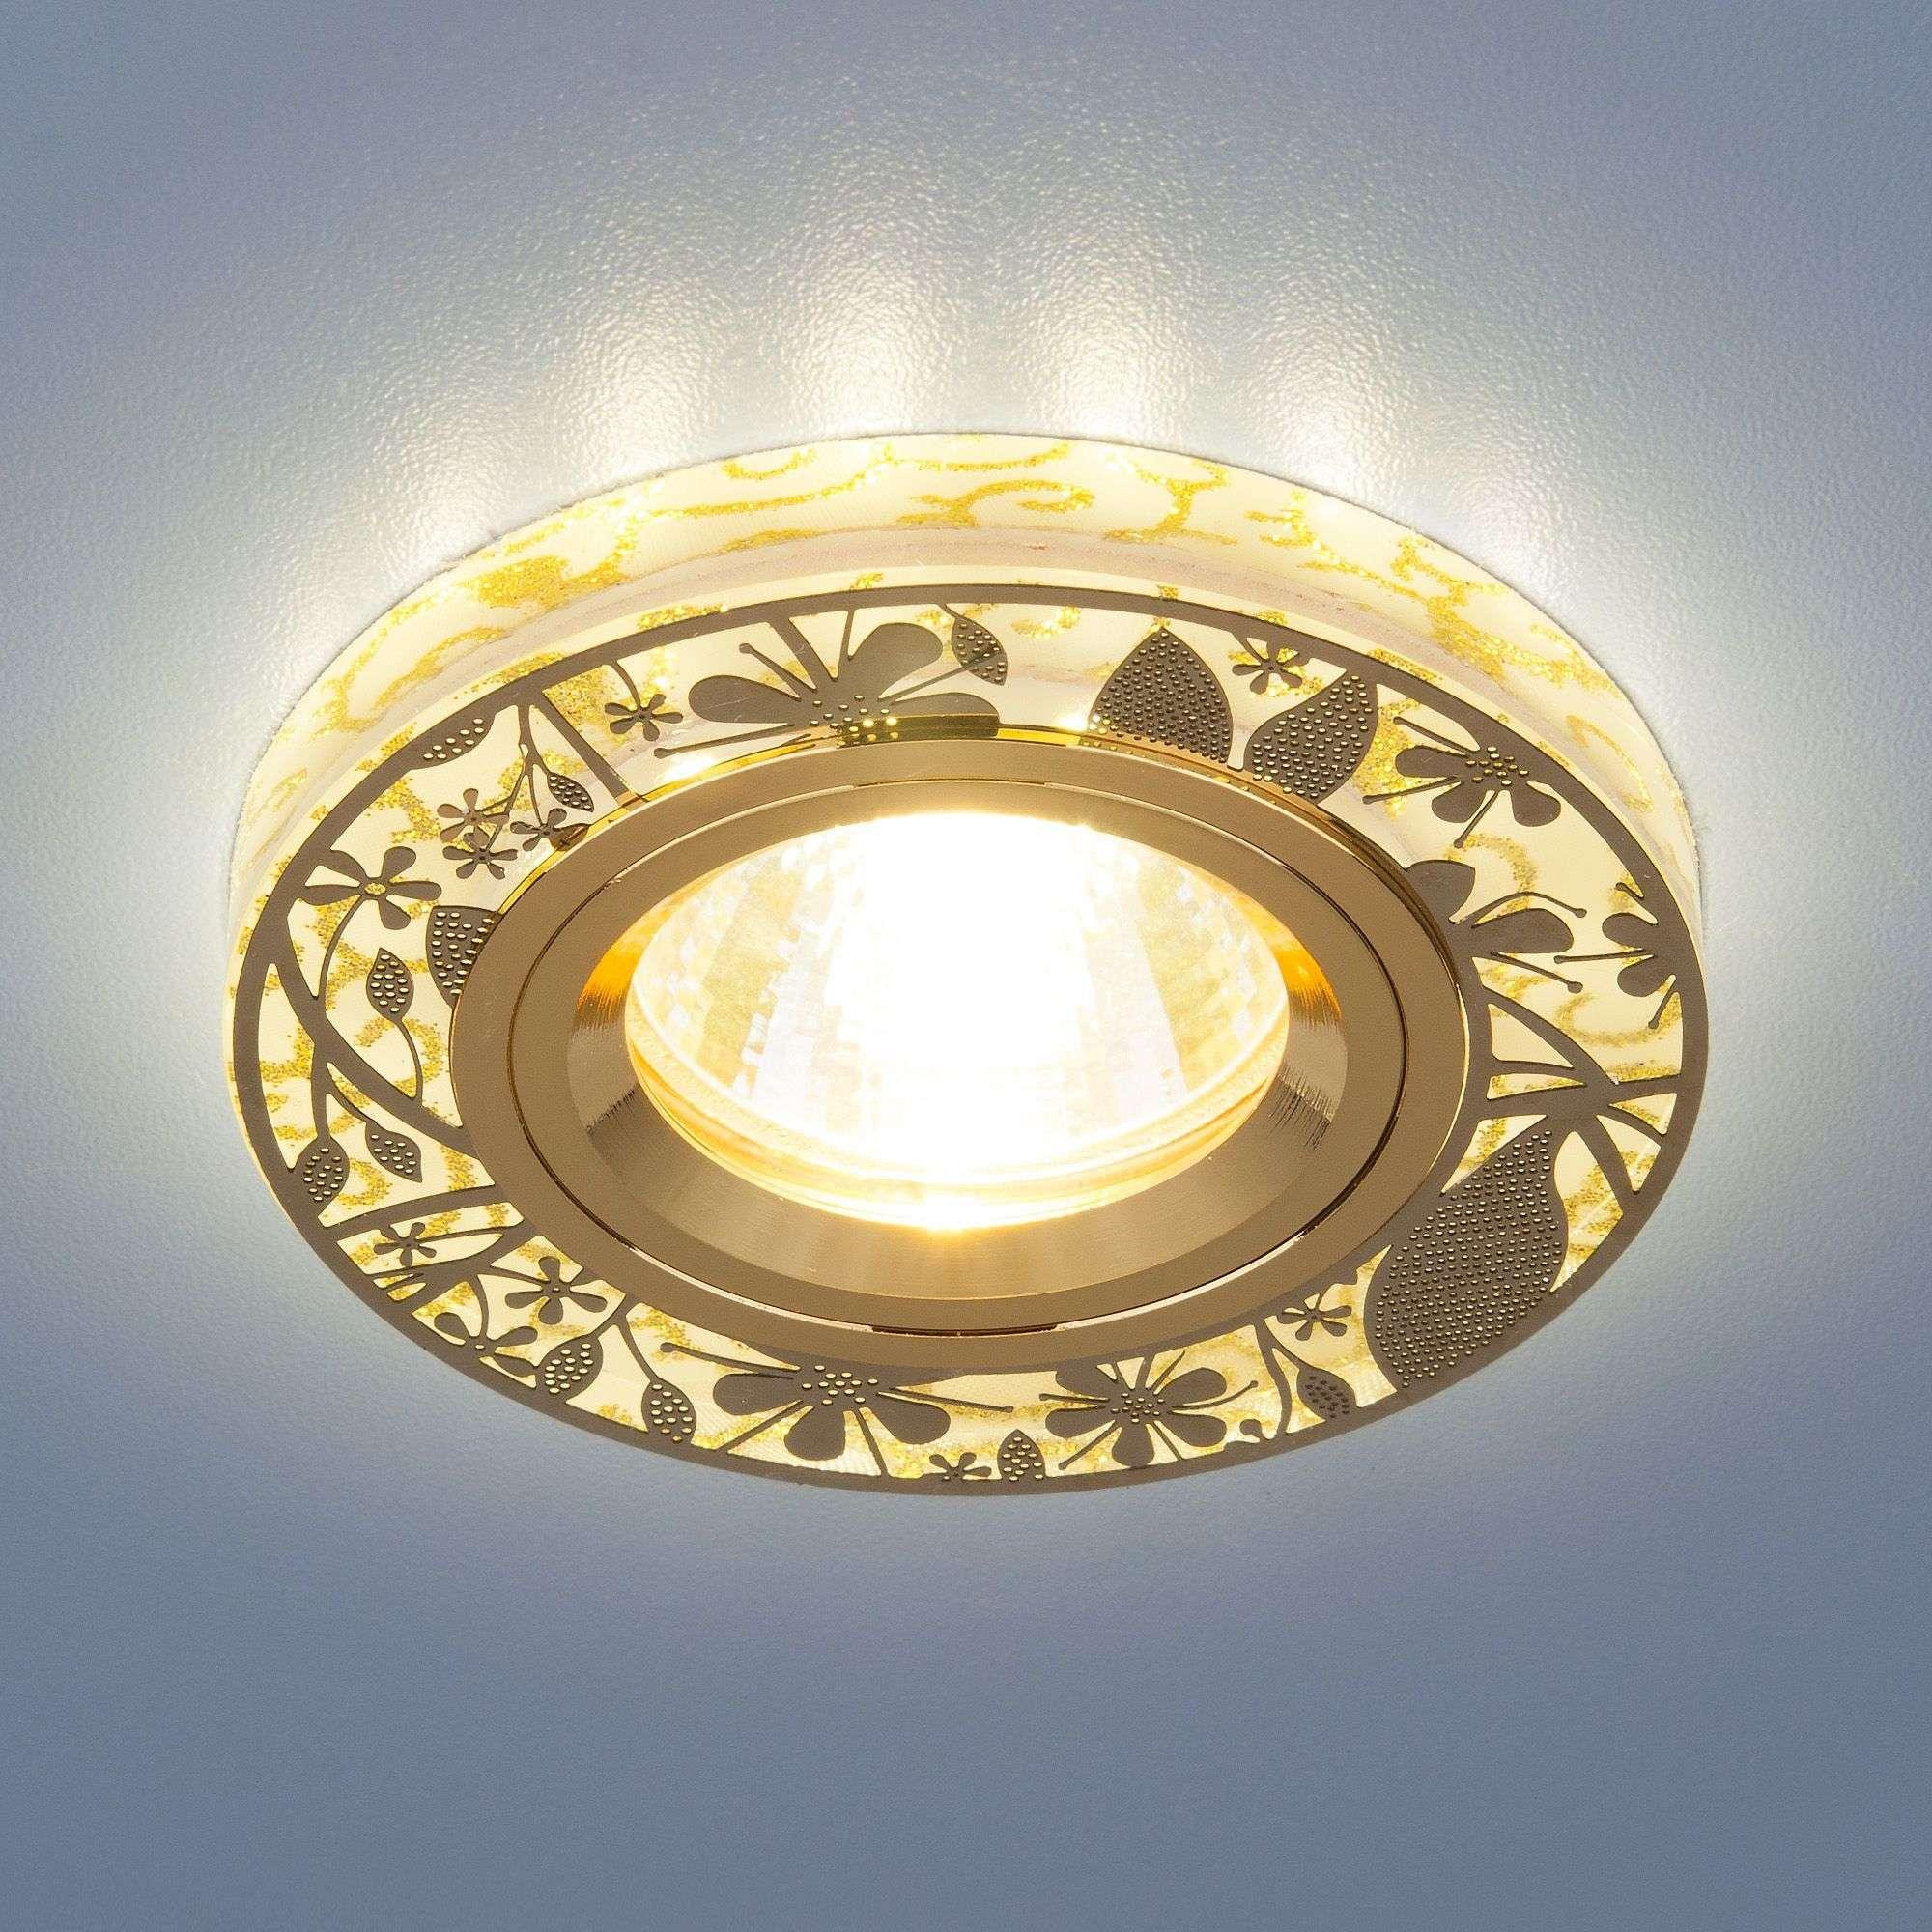 Точечный светильник с LED подсветкой 8096 MR16 GD золото